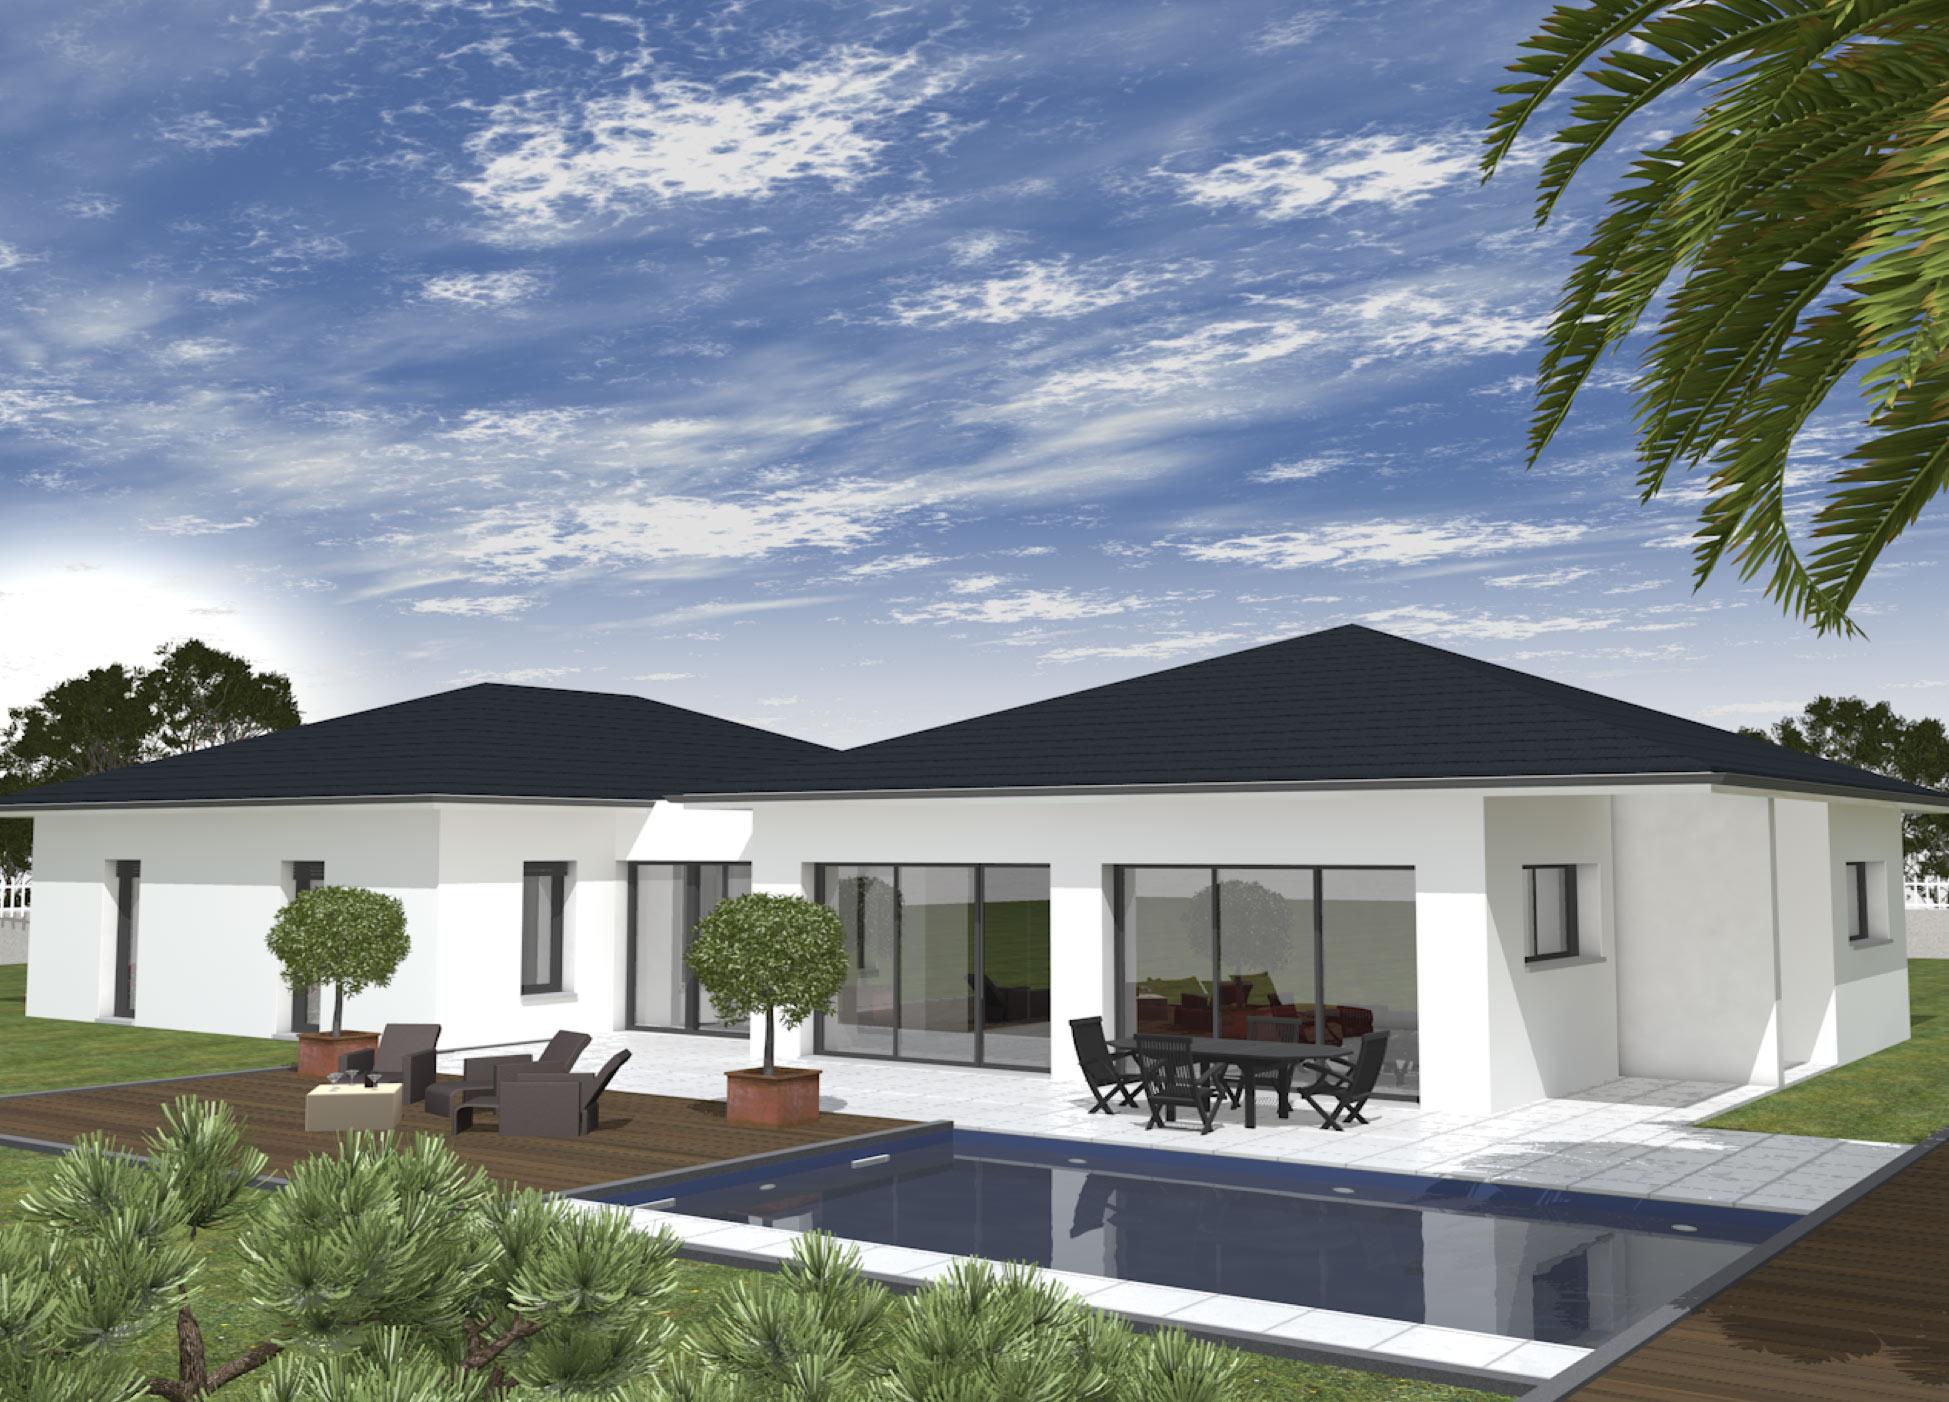 catalogue maison bois best cool dco maison ossature bois. Black Bedroom Furniture Sets. Home Design Ideas